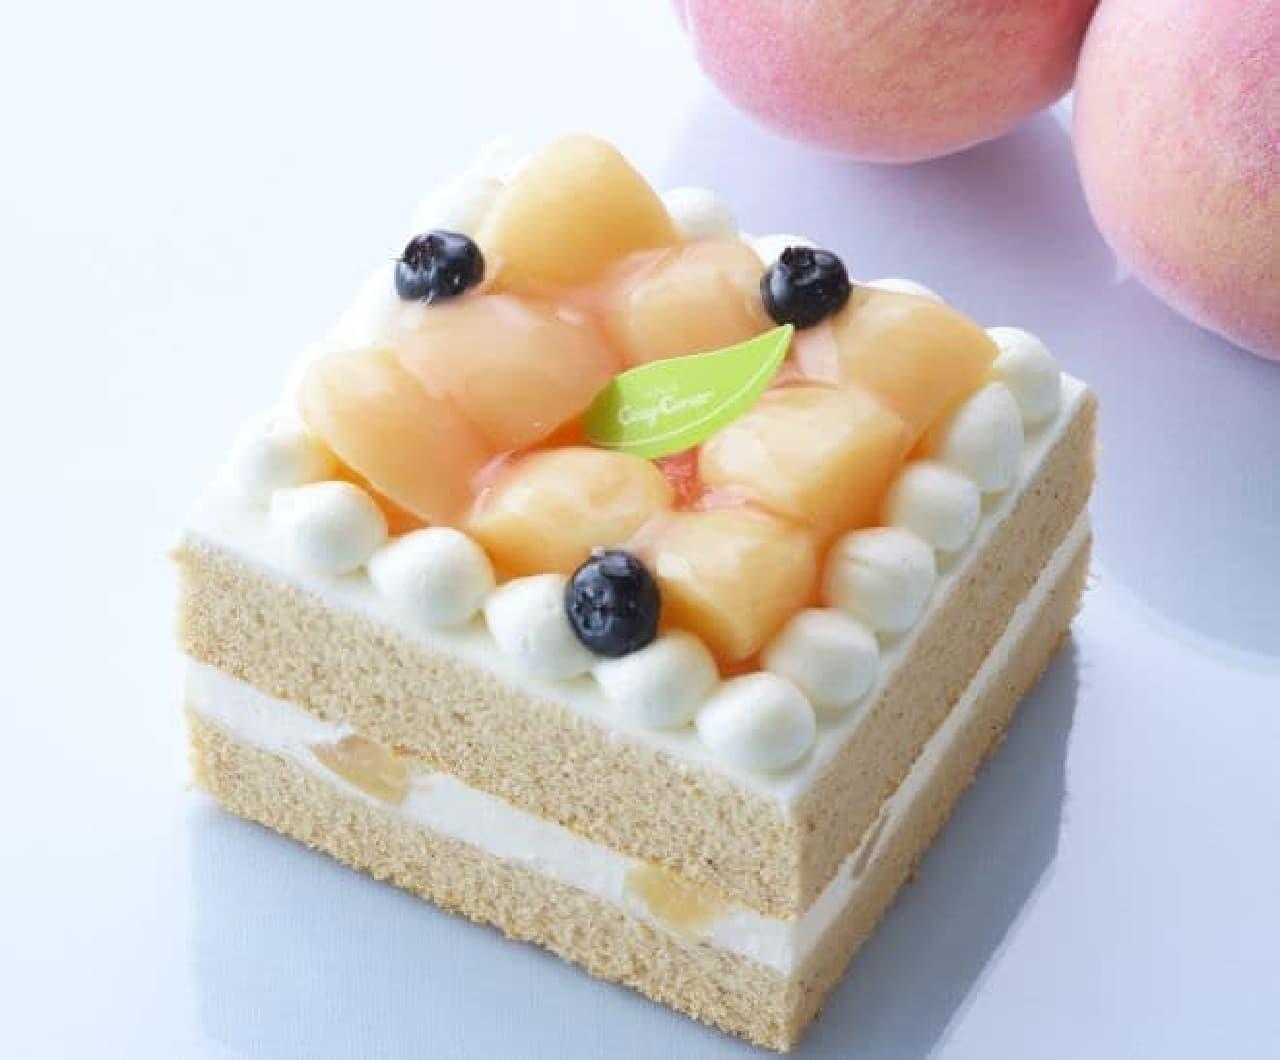 「ピーチ&ティーシフォンケーキ」は、紅茶が香るシフォンで白桃ダイス入りピーチクリームをサンドしたケーキ